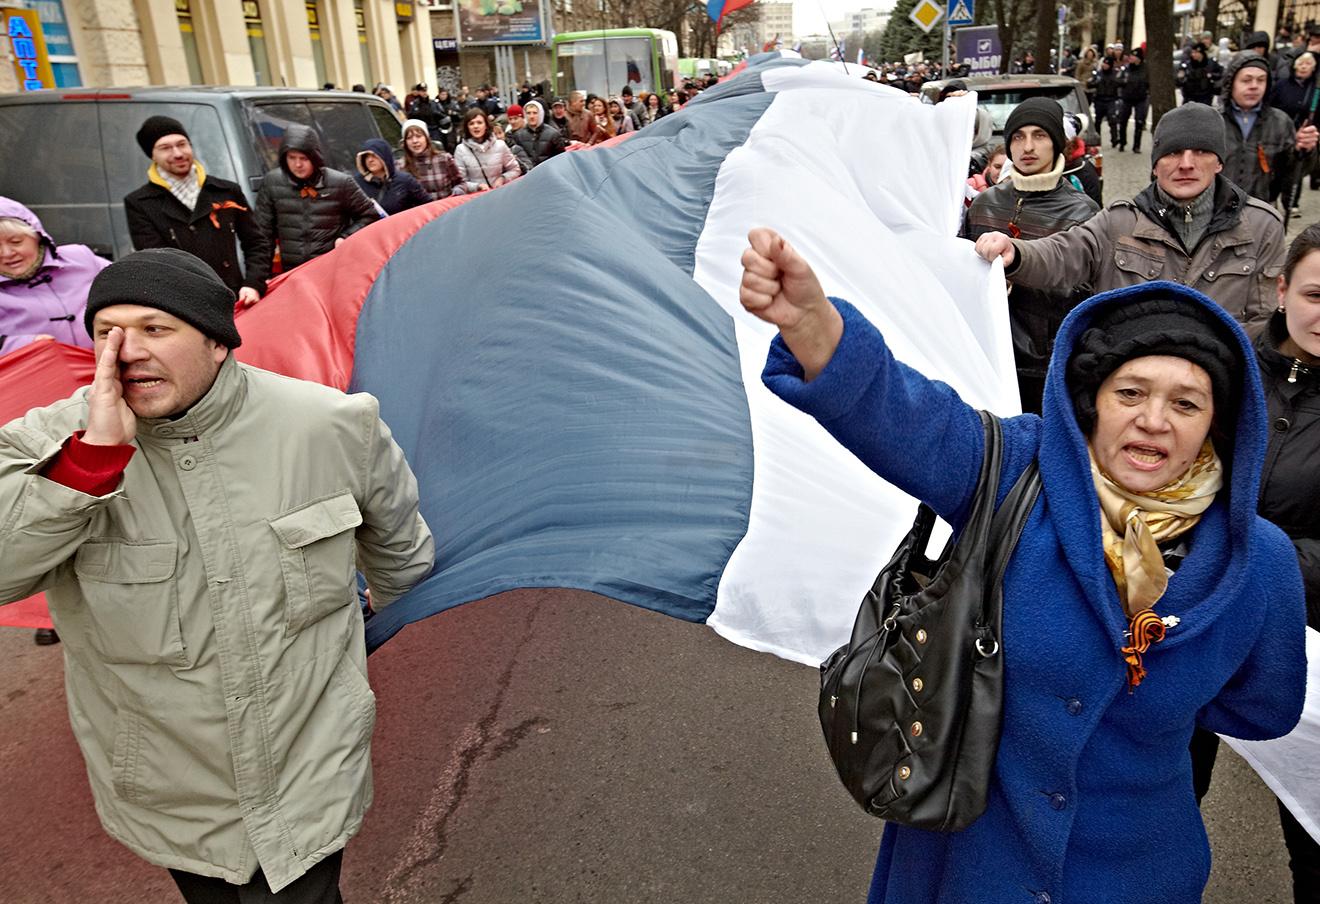 Митинг в поддержку референдума о статусе Крыма в Харькове, 16 марта 2014. Фото: Сергей Козлов / ТАСС